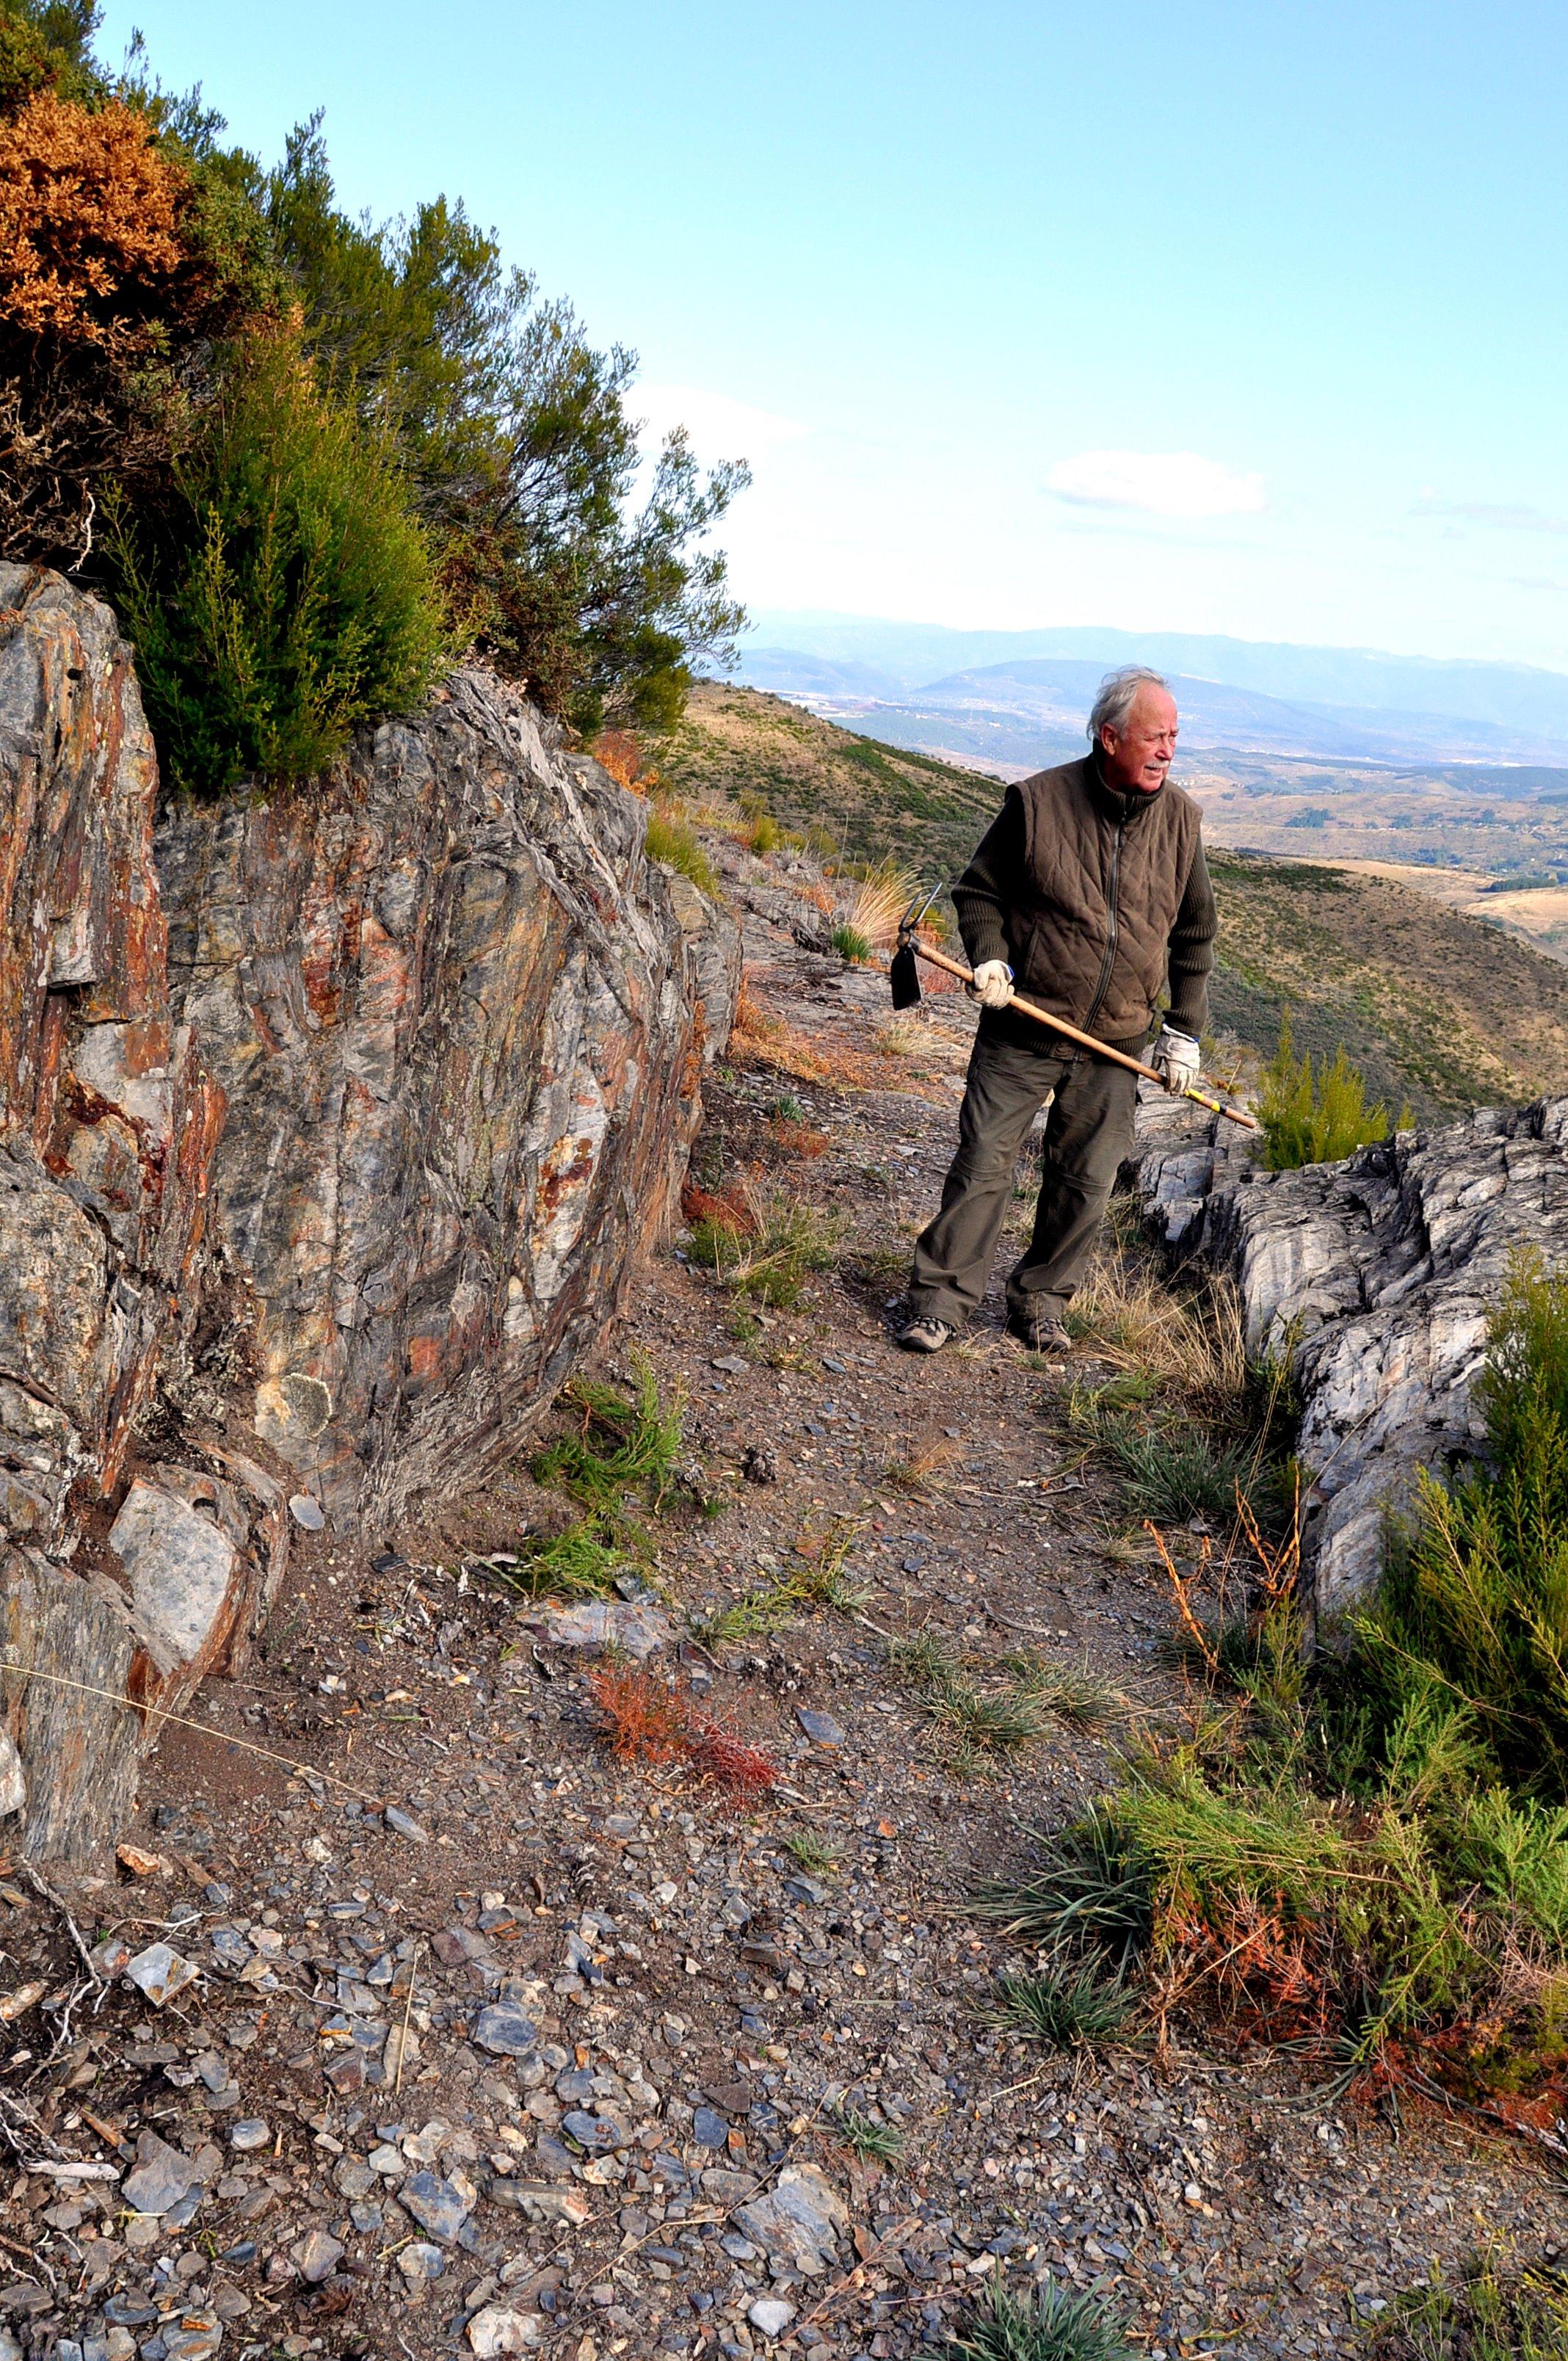 Caja del canal en un tramo de roca.